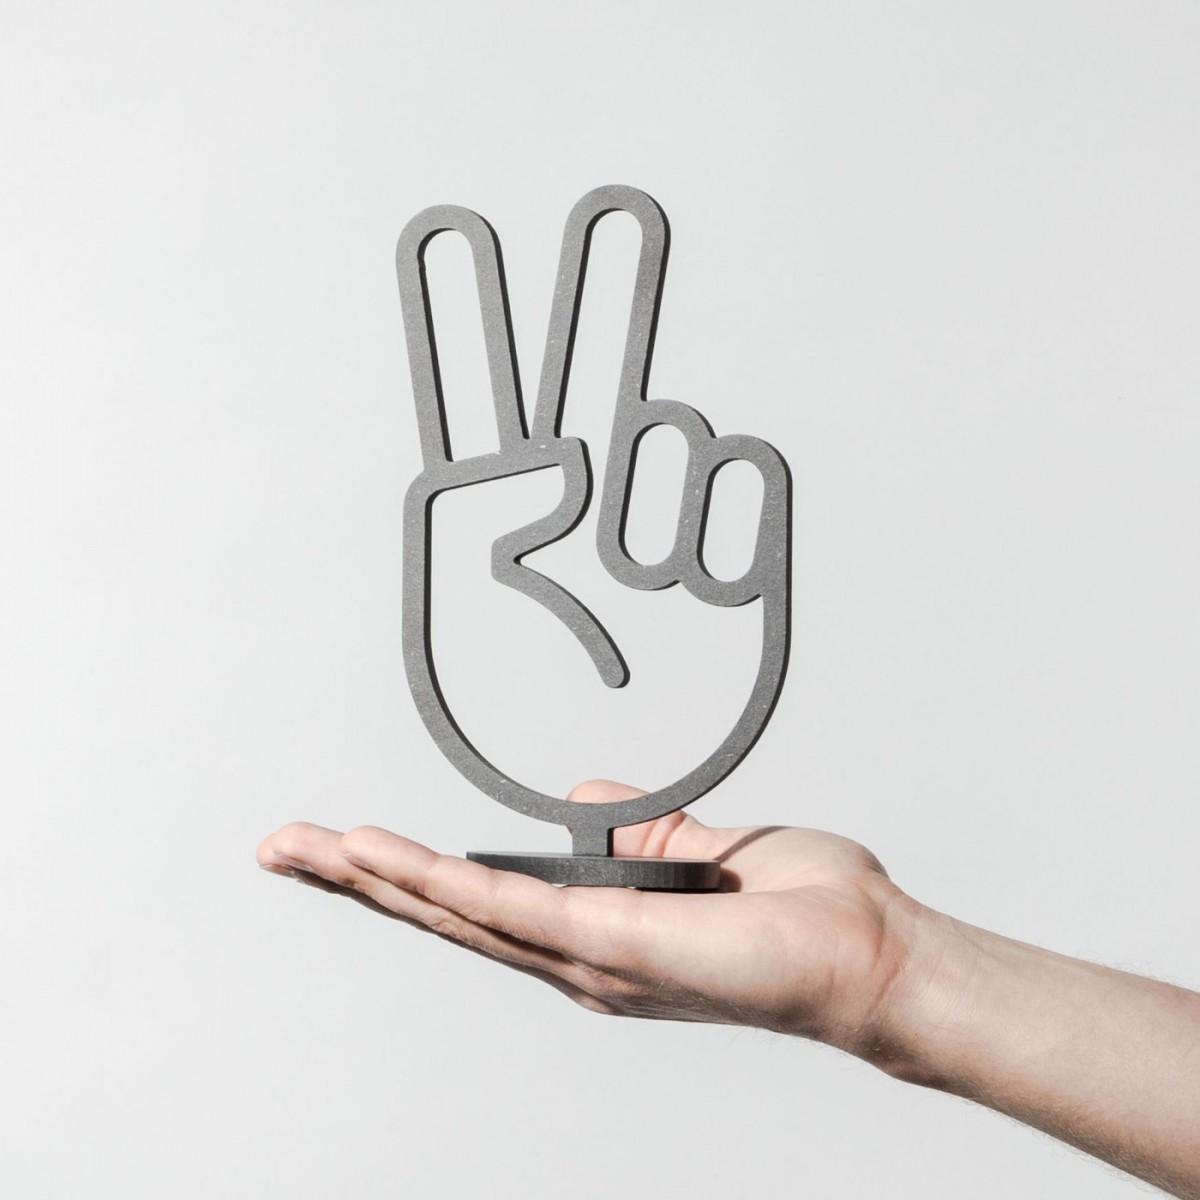 FYNGERS - PEACE